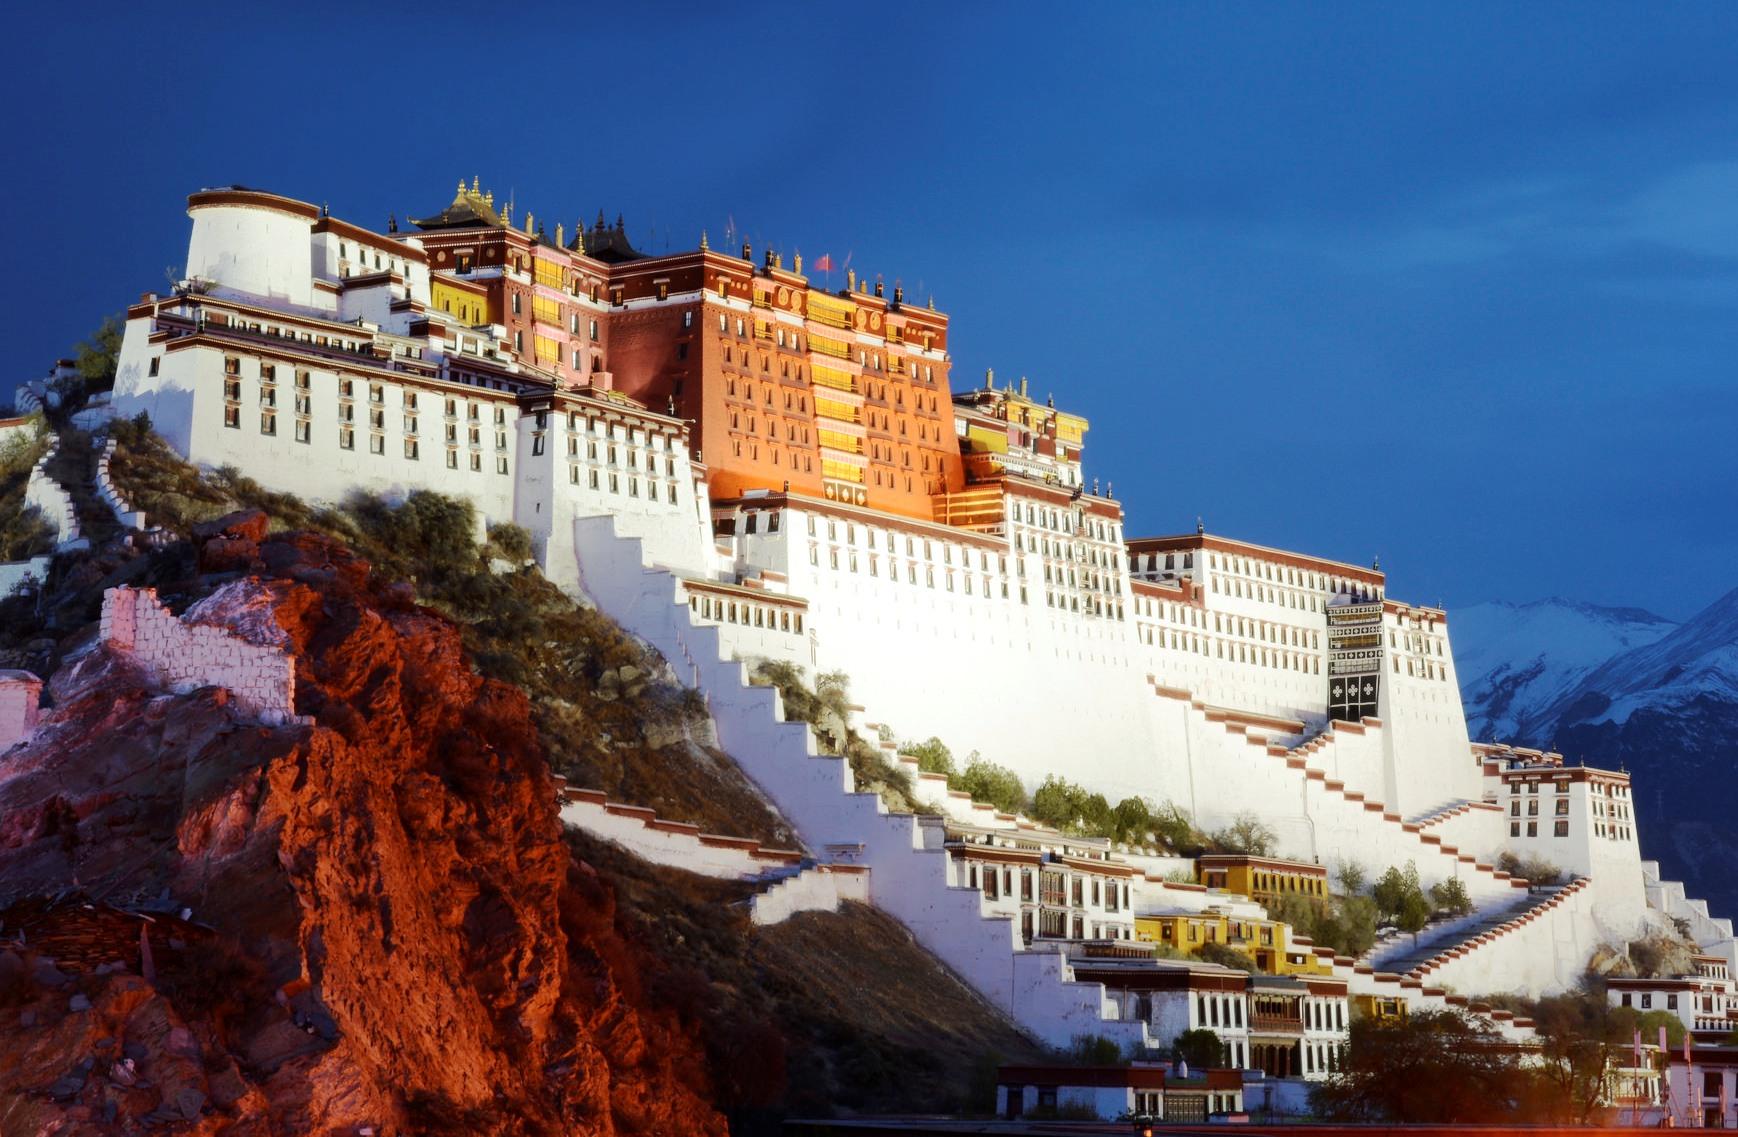 Nepal Tibet Tour: Kathmandu Lhasa Overland Tour I